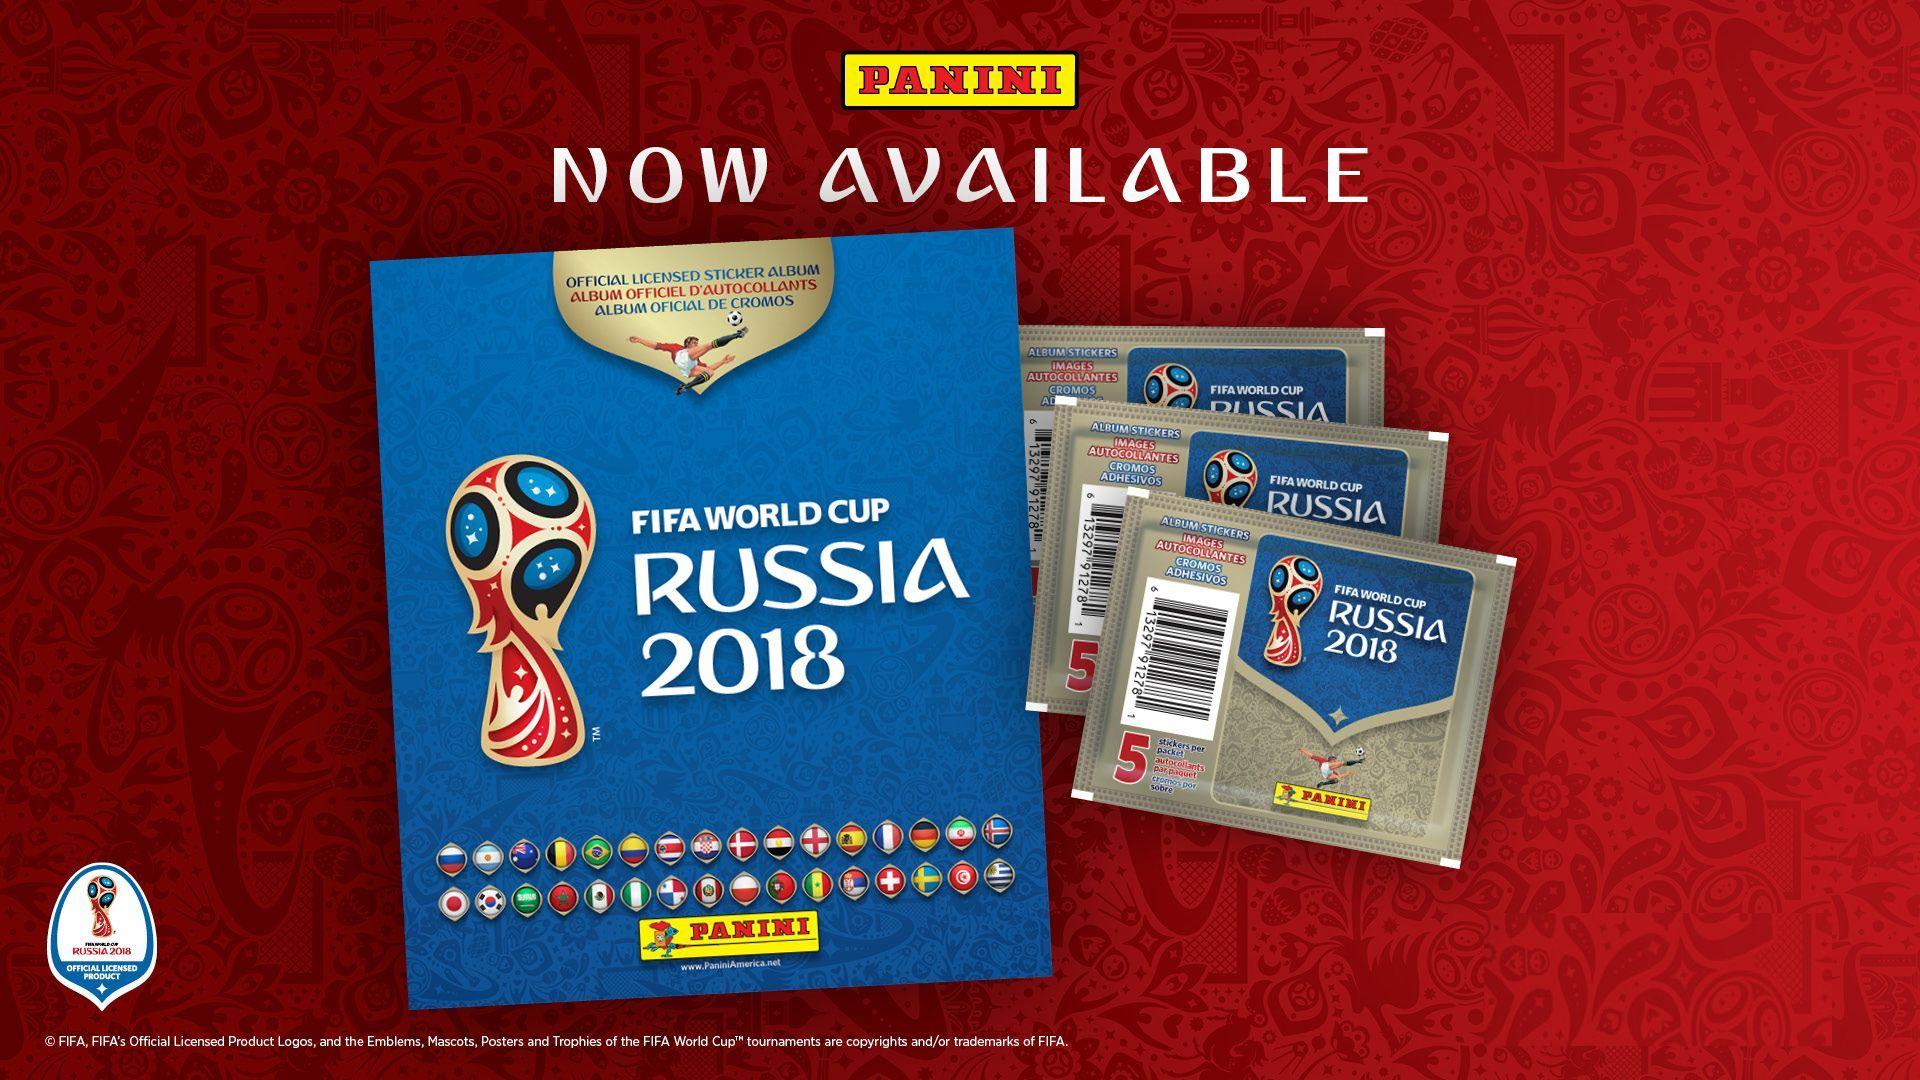 Албум за стикери Panini FIFA World Cup Russia 2018 - 4